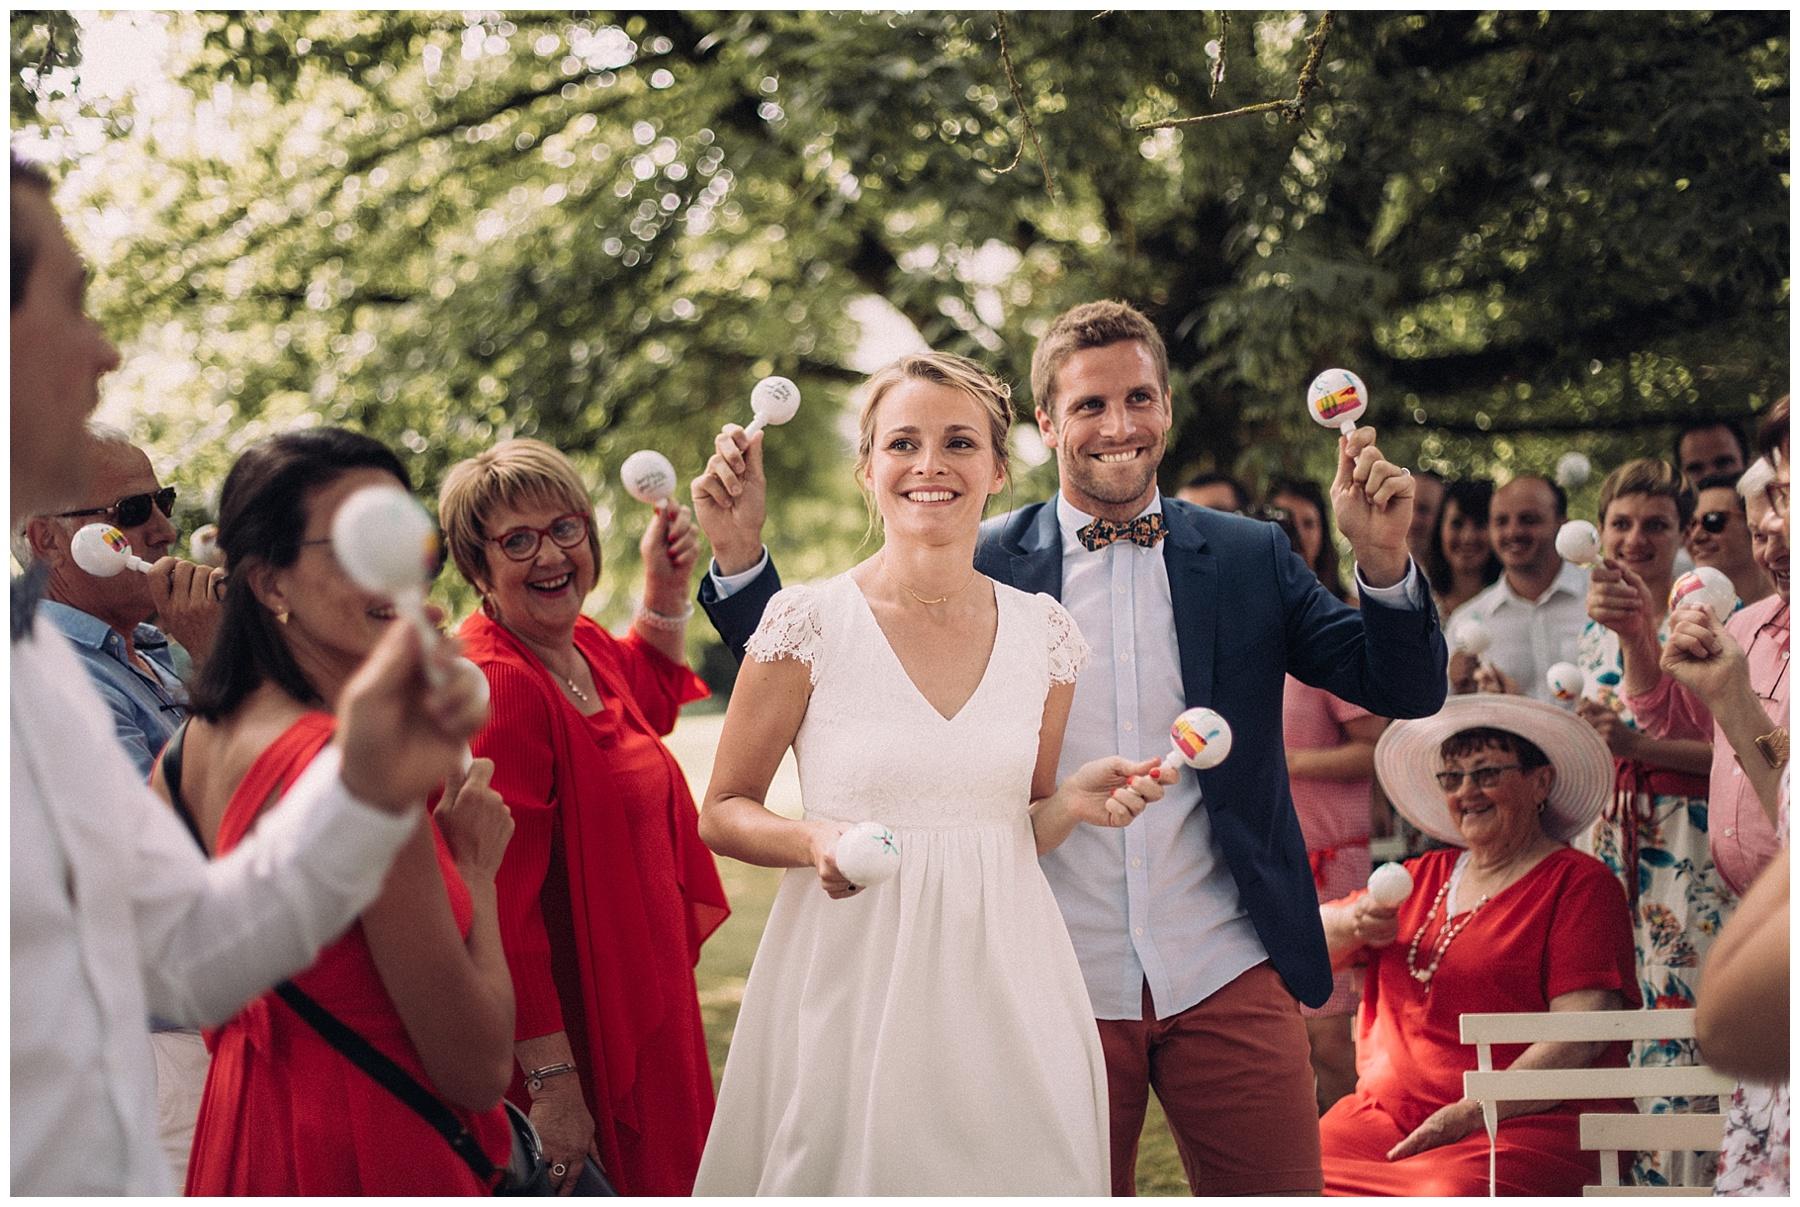 Photographe mariage guinguette decontracte